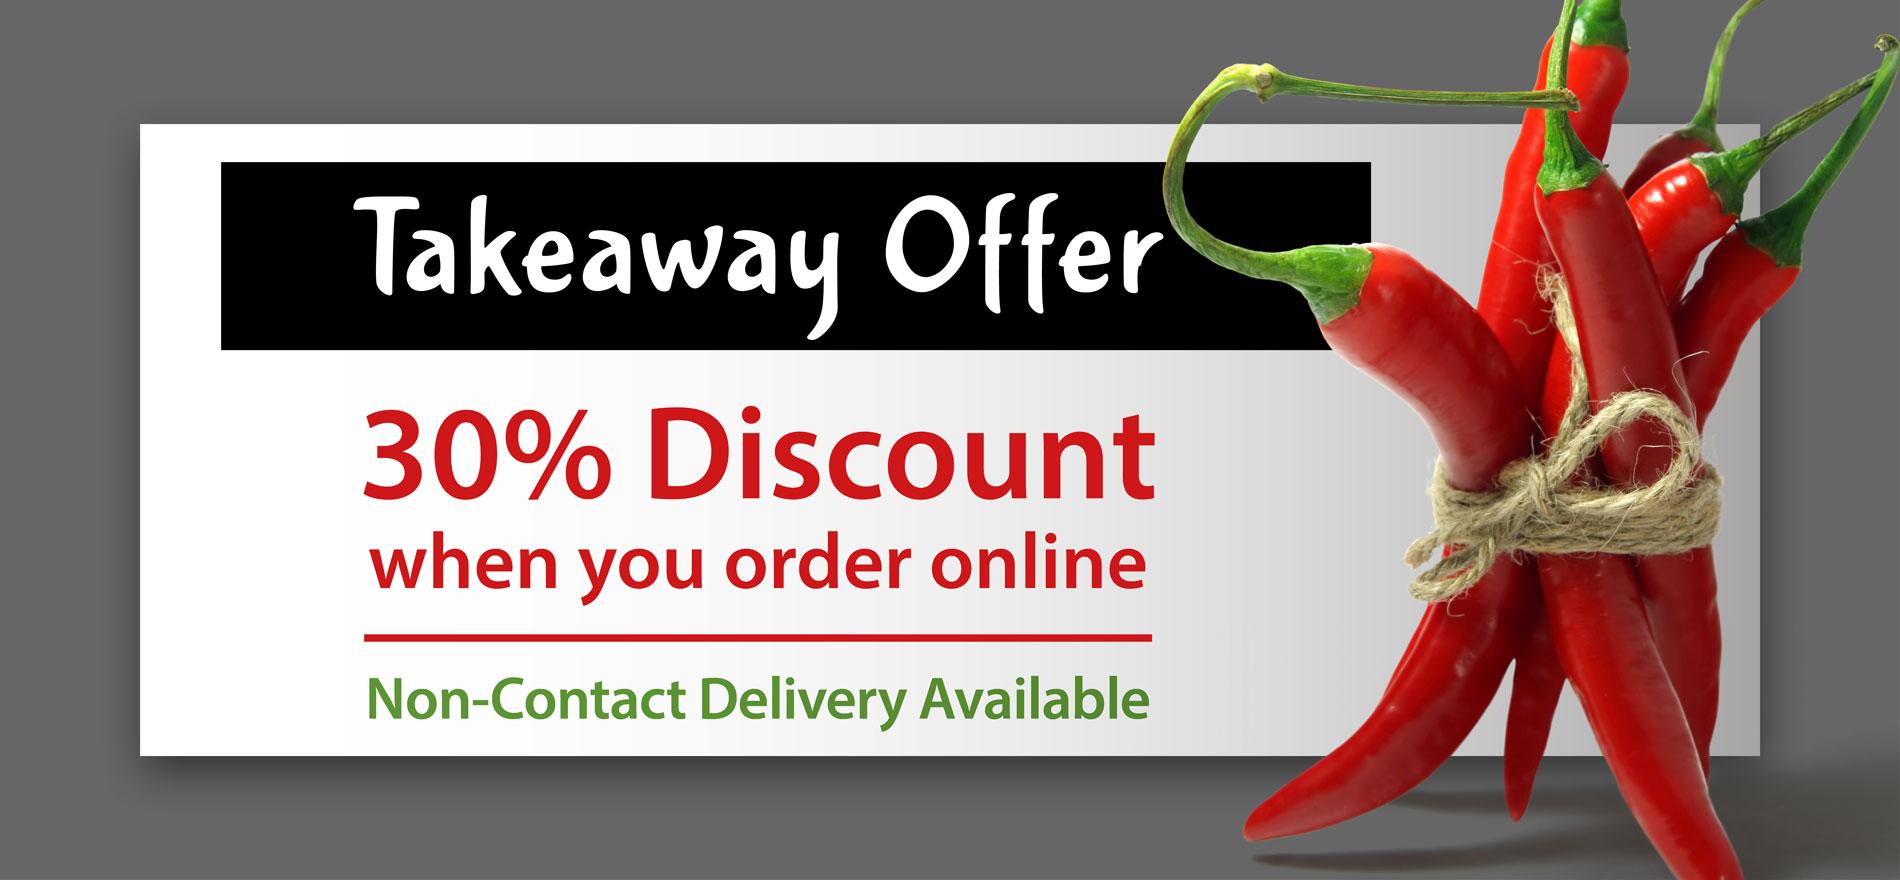 30% Discount on Takeaways Offer